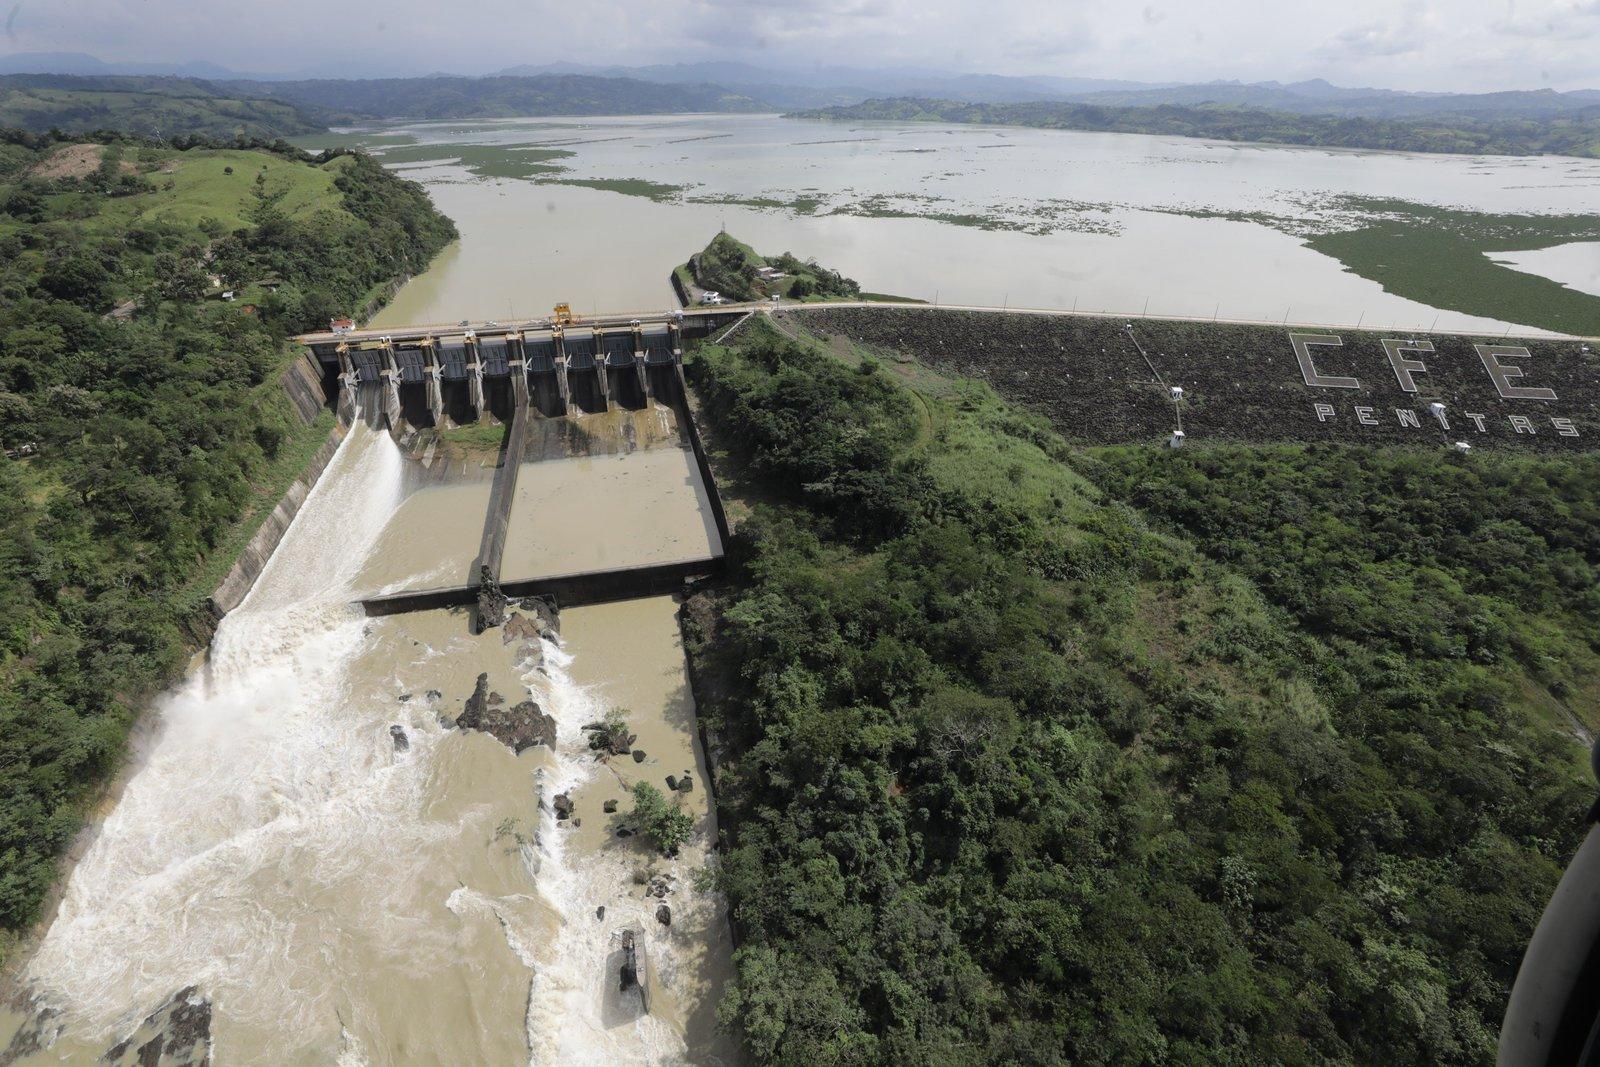 Conagua: Desconoce nivel de deterioro de mil presas